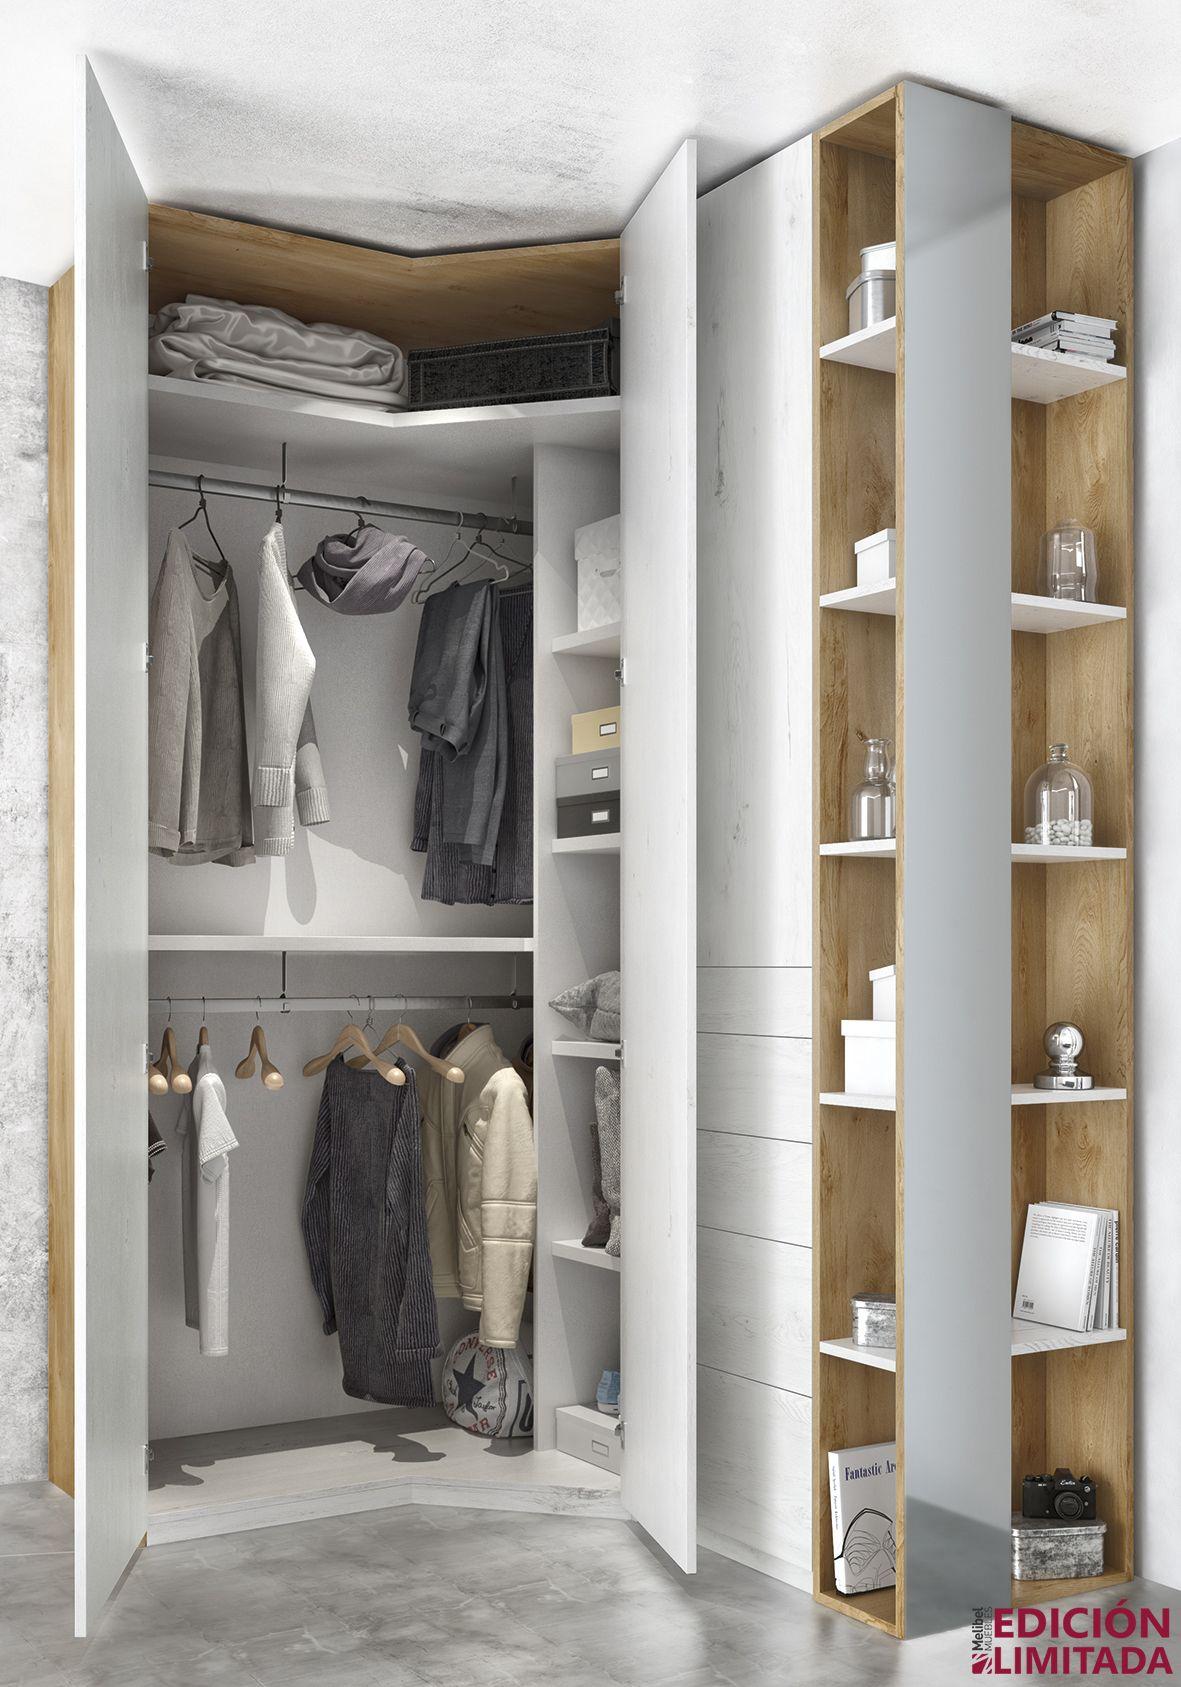 Distribuci n interior del armario rinc n chafl n for Armarios rinconeros dormitorio matrimonio